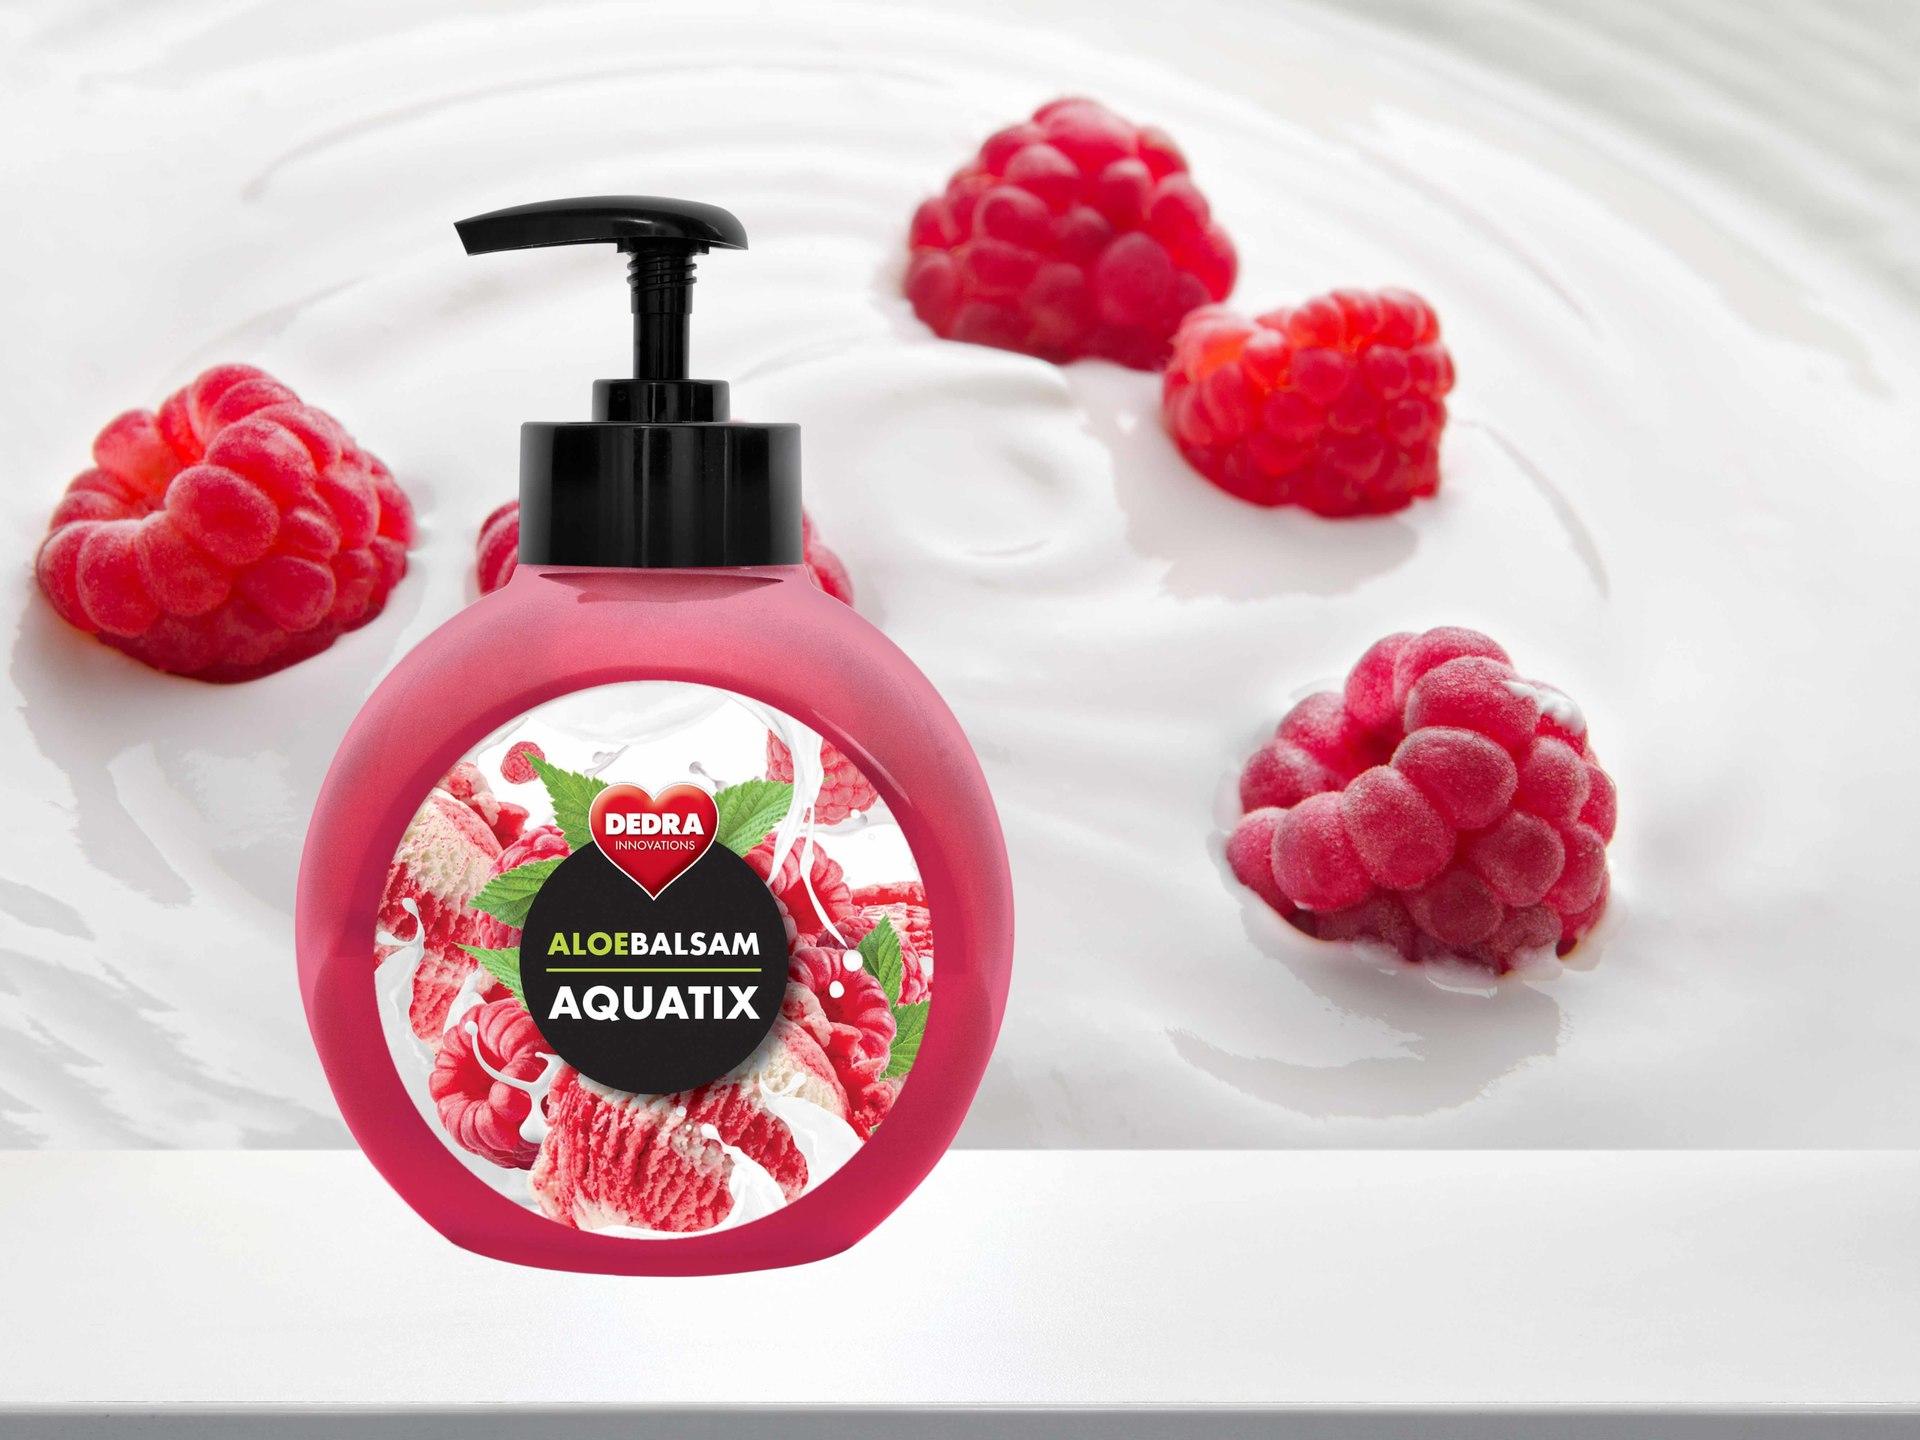 ALOEBALSAM AQUATIX koncentrát na ručné umývanie riadu, maliny so smotanou s pumpičkou